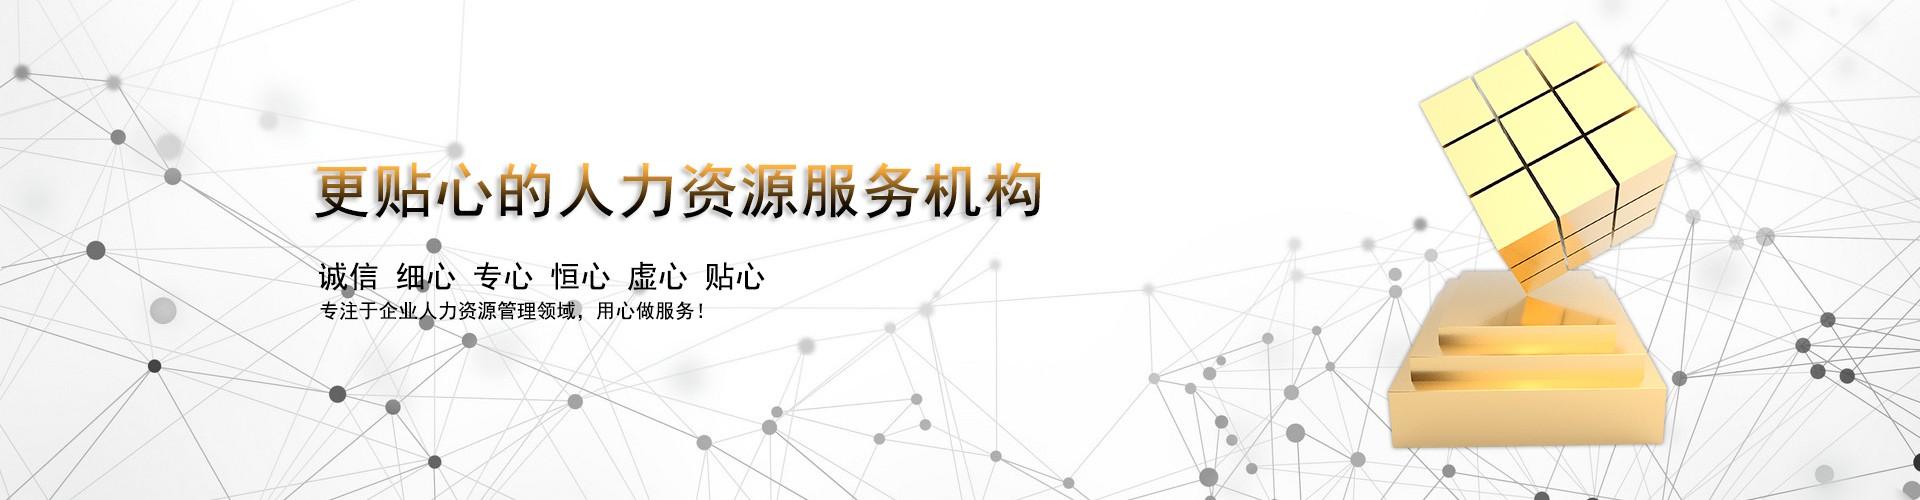 猎头|北京猎头公司